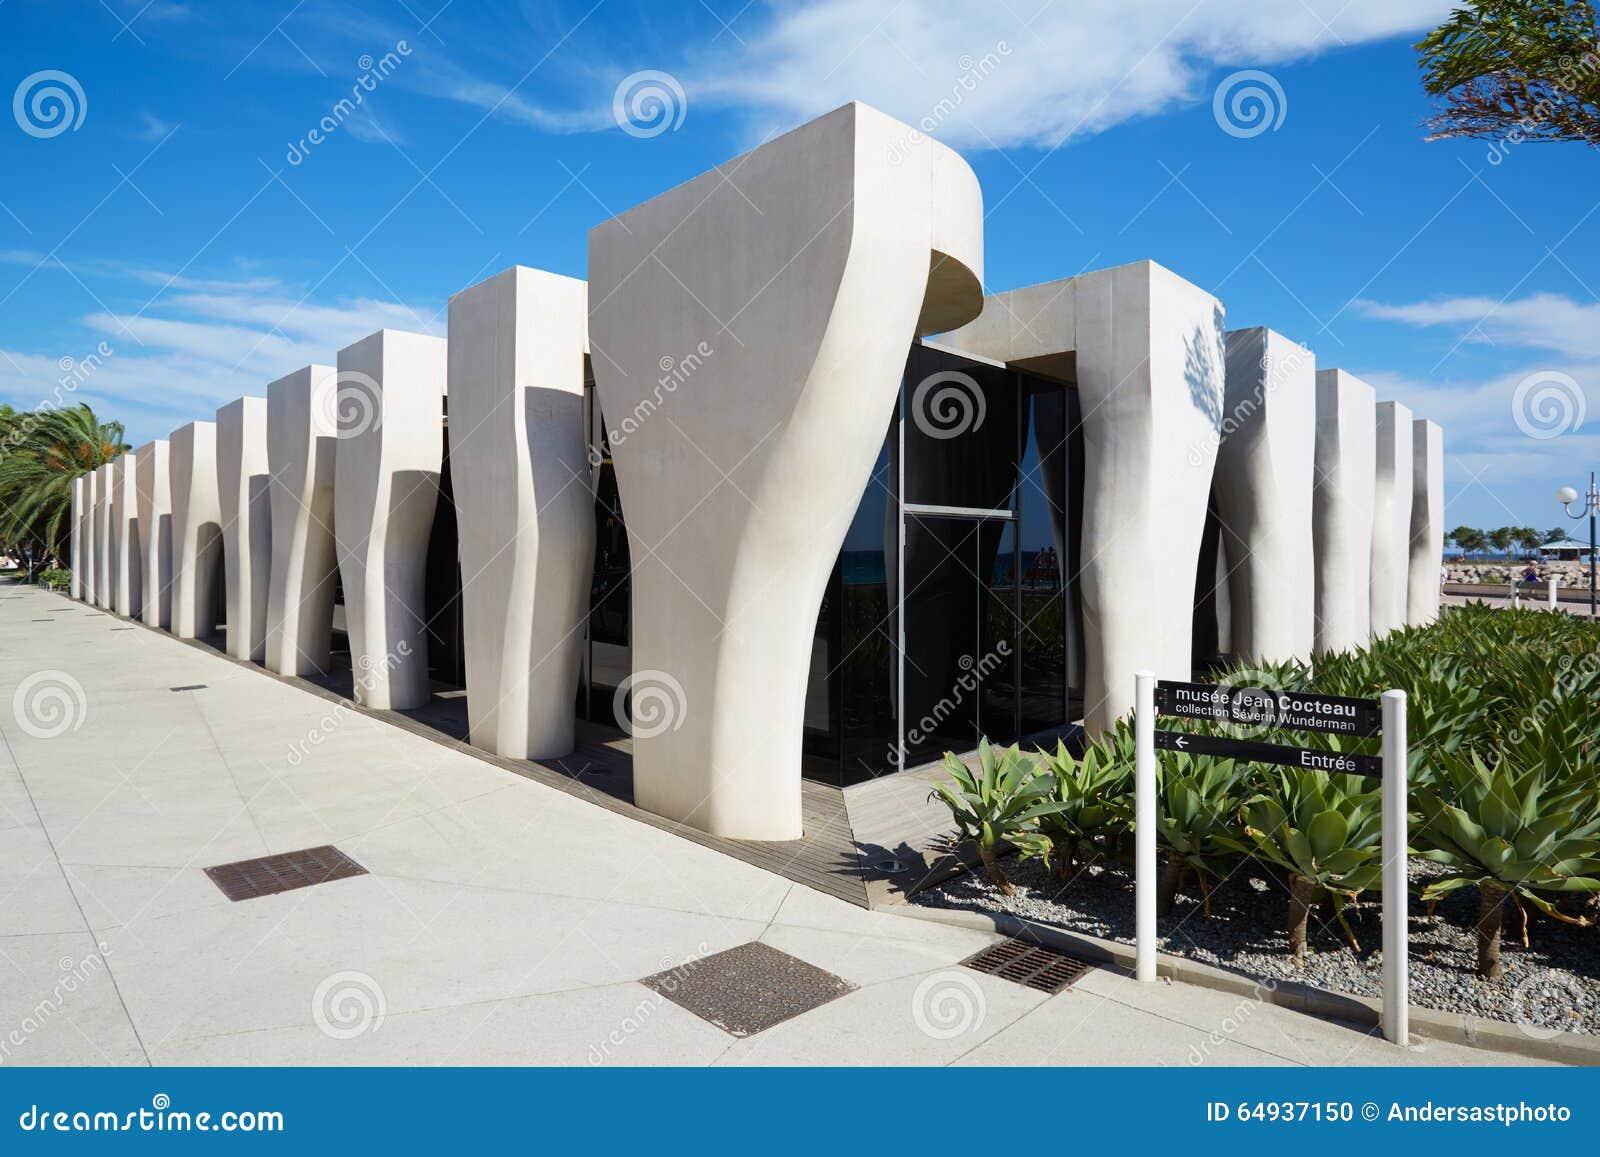 Jean Cocteau Museum, Zeitgenössische Architektur, Menton ...